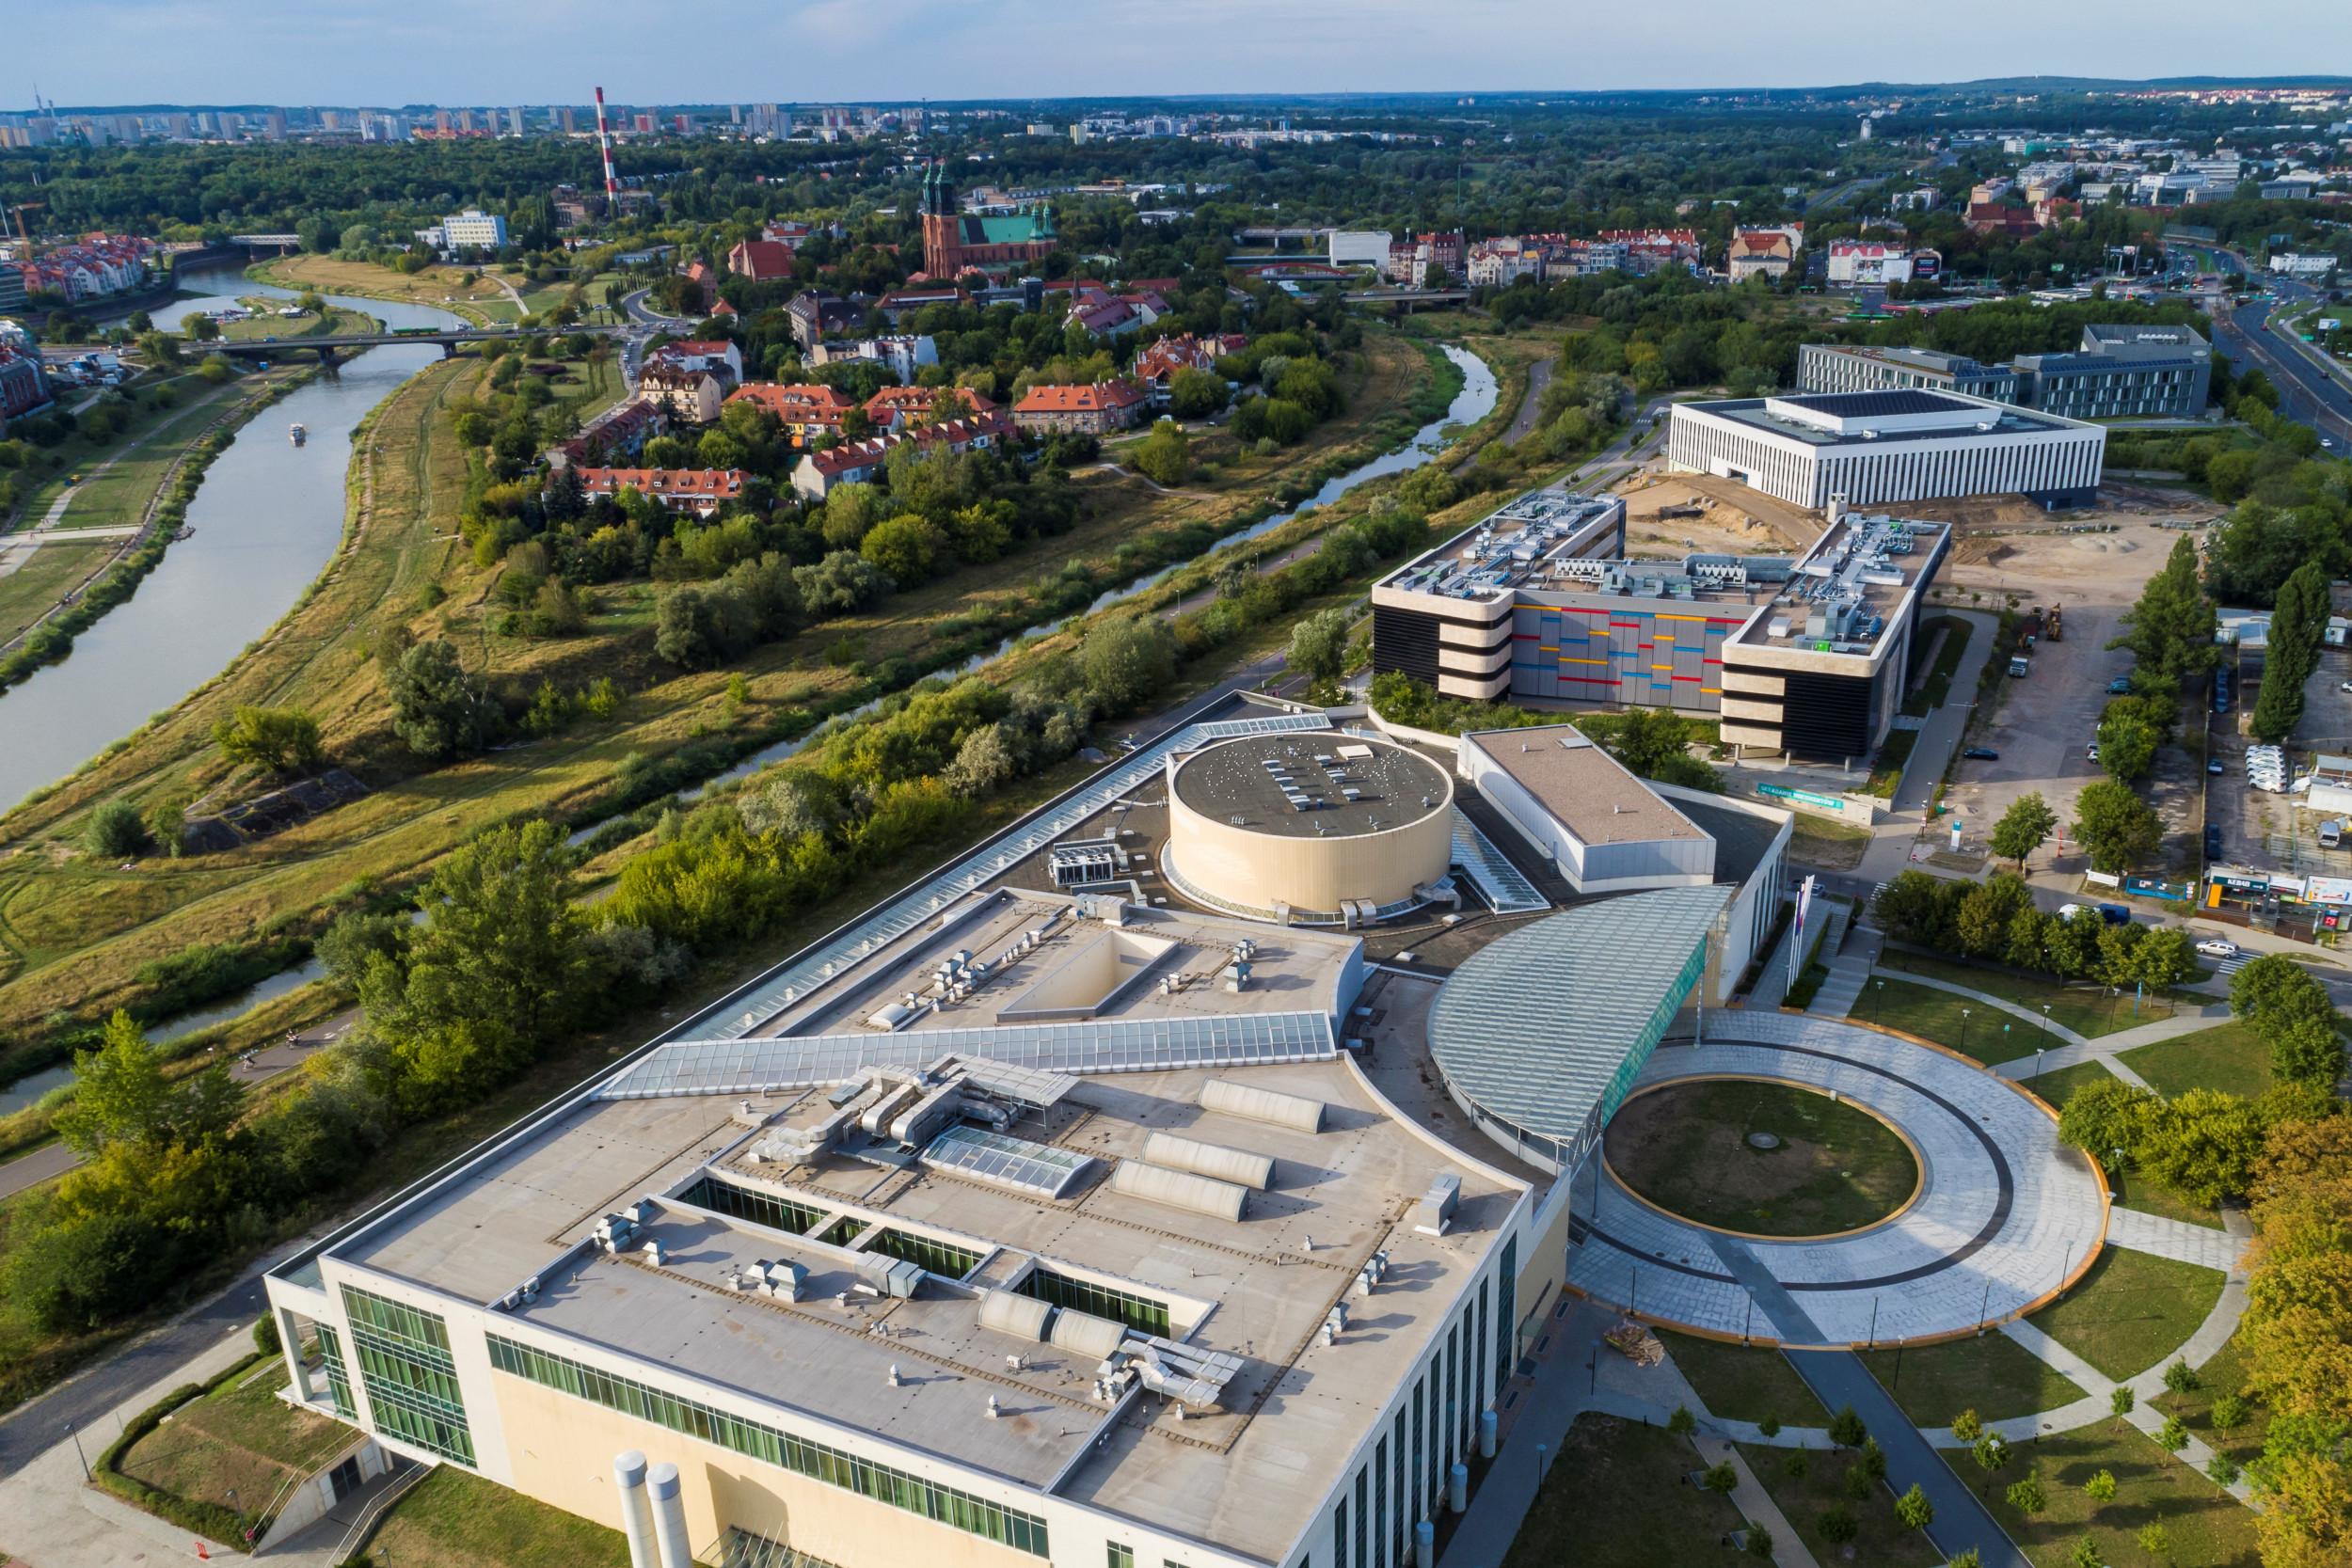 Poznan University of Technology